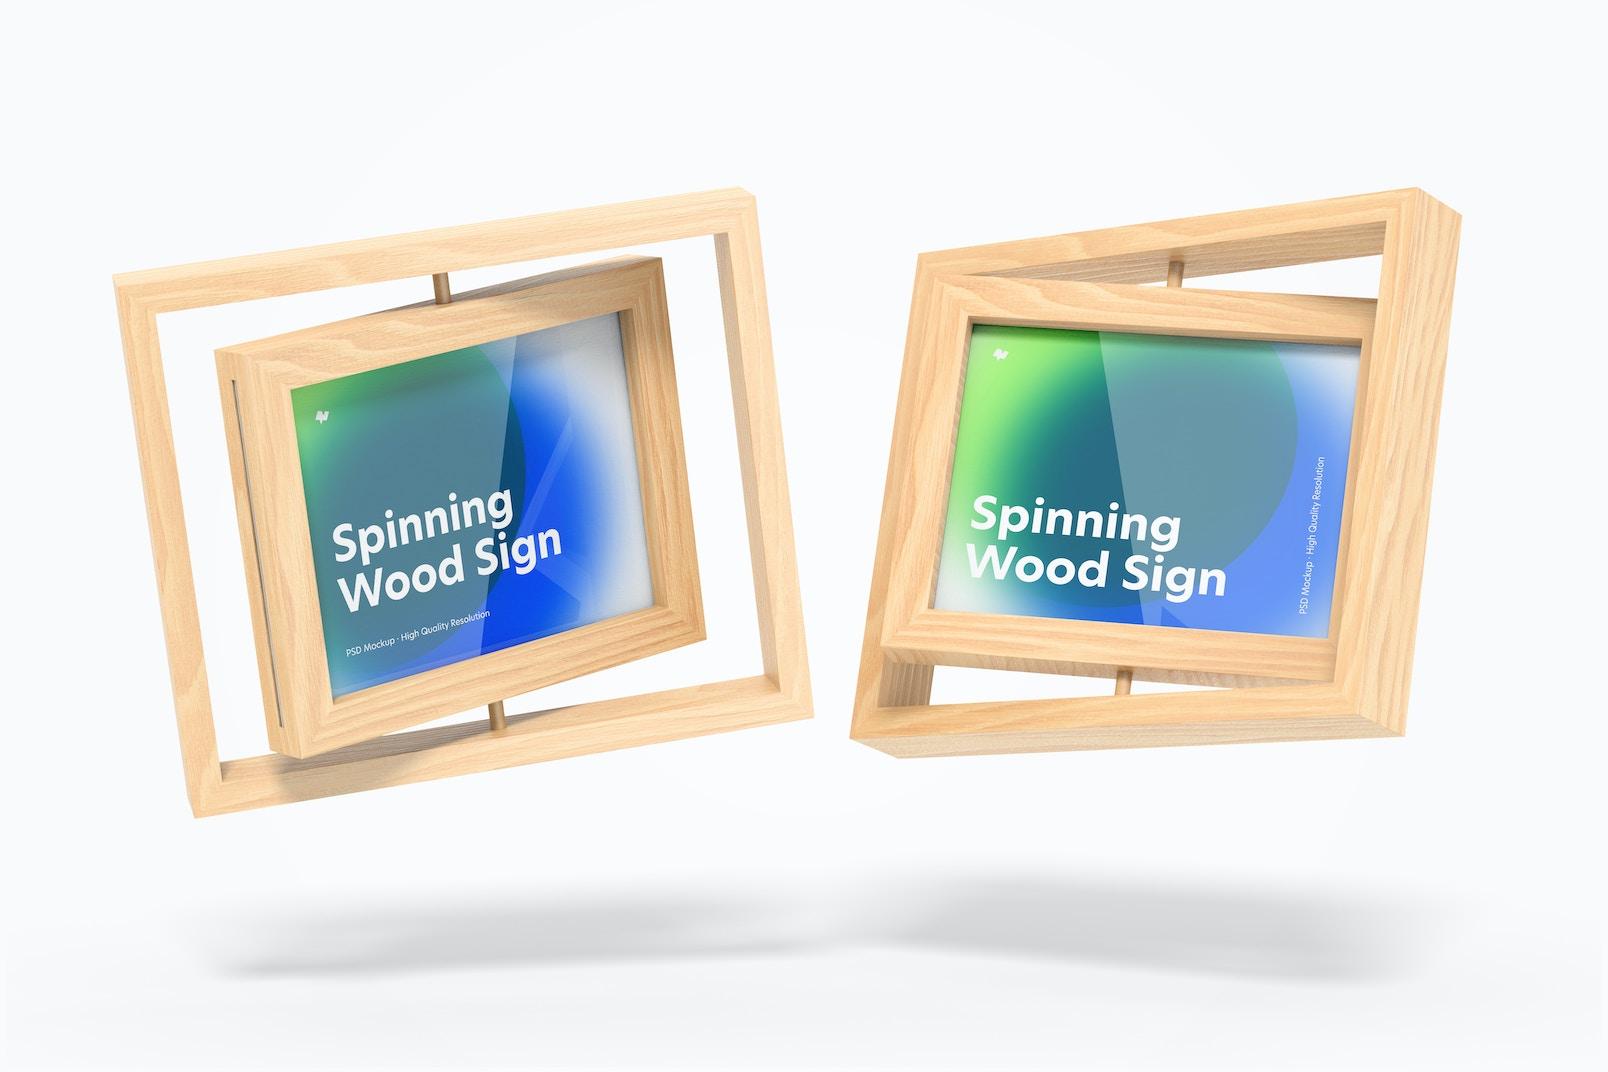 Spinning Wood Frame Signs Mockup, Floating